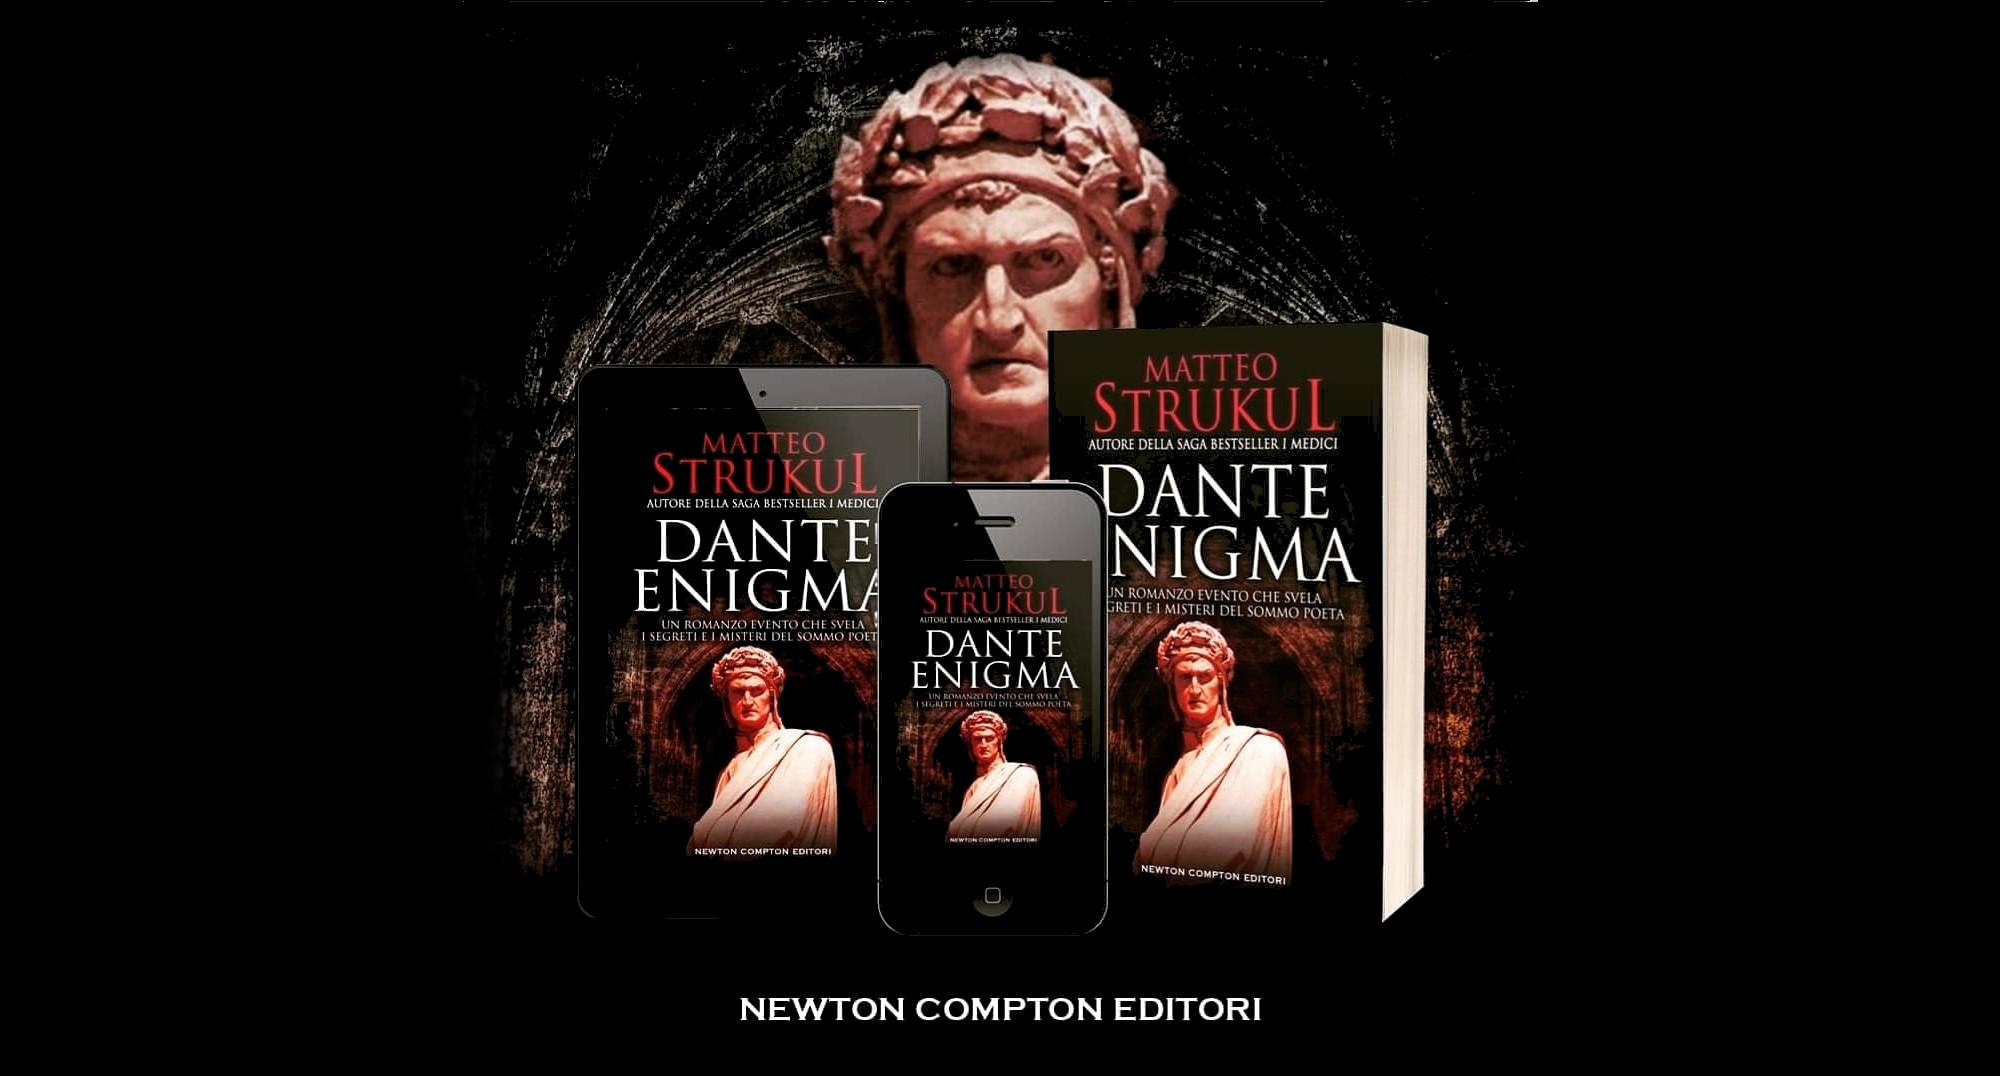 Dante enigma, la recensione del nuovo attesissimo romanzo storico di Matteo Strukul pubblicato da Newton Compton.